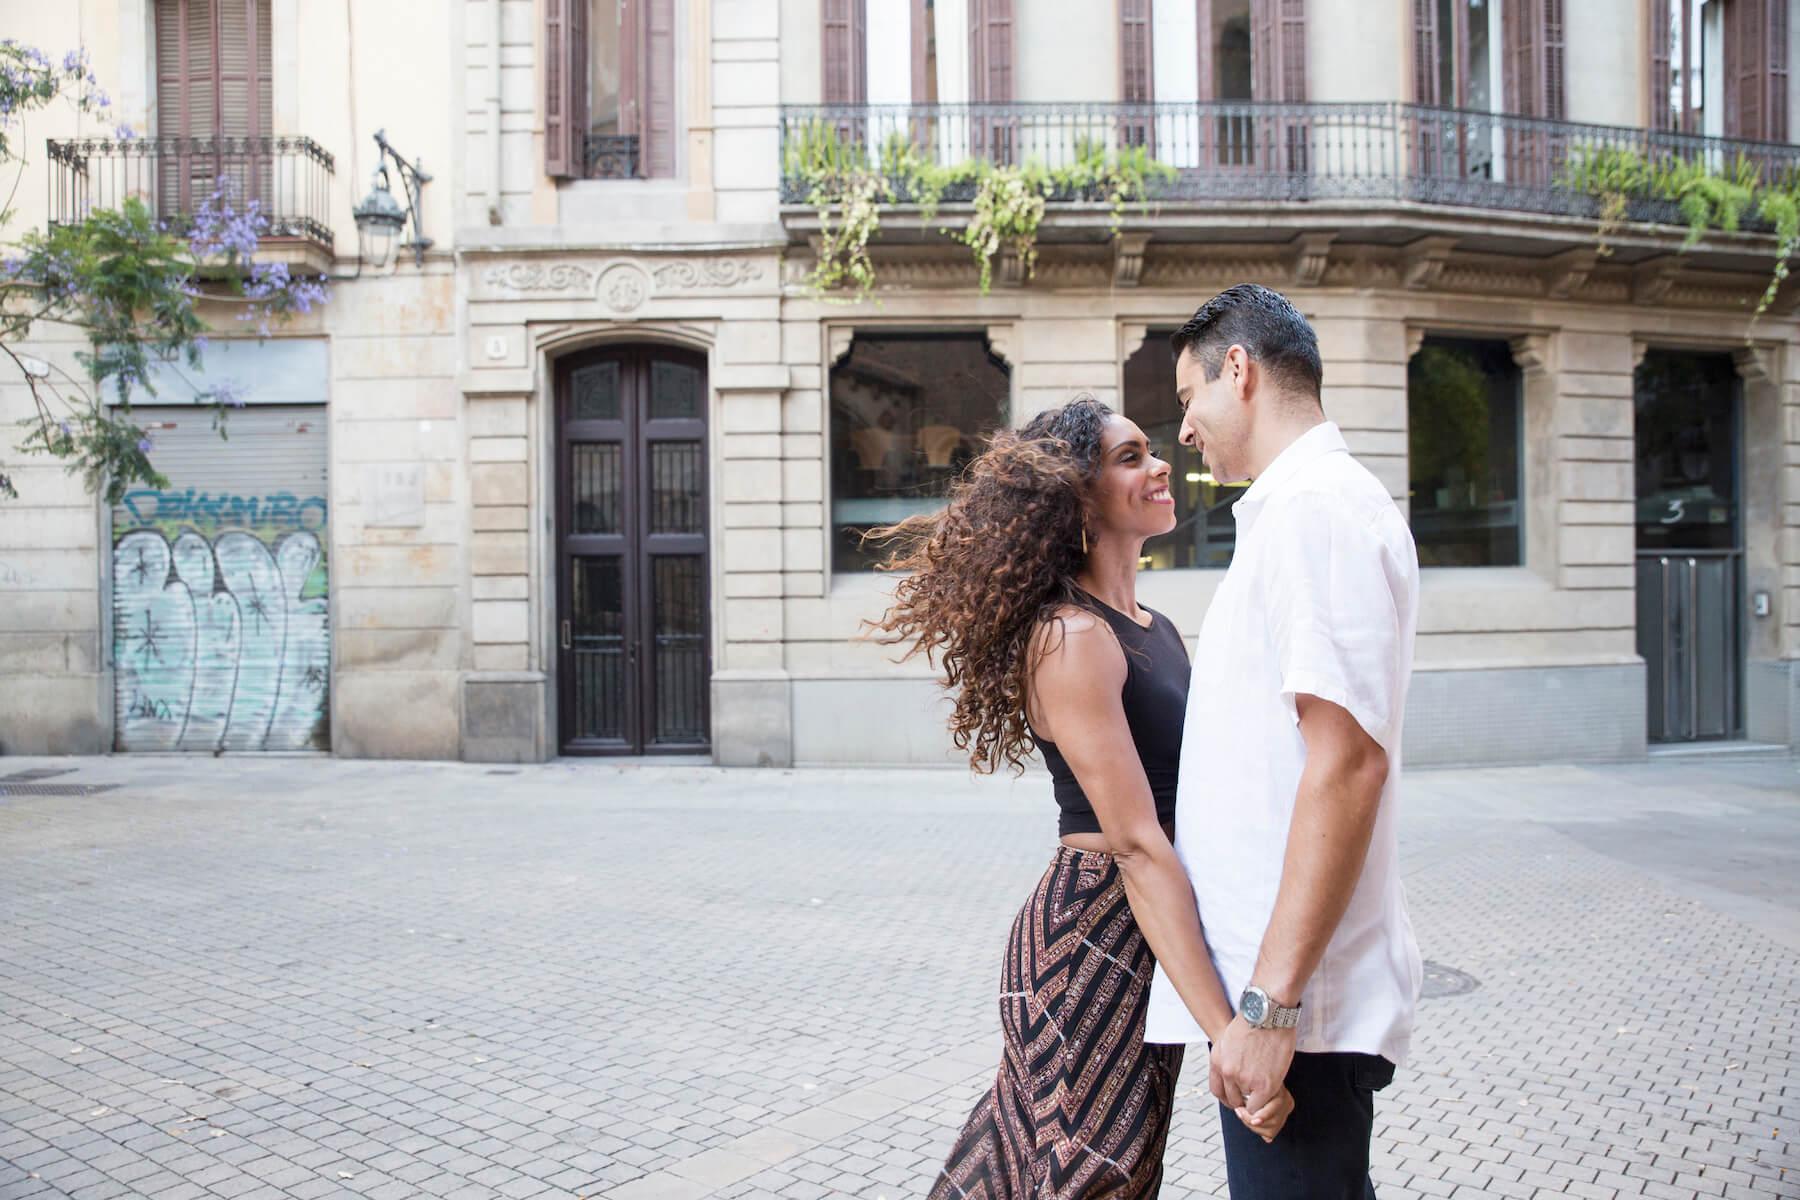 couples trip in El Born Barcelona, Spain